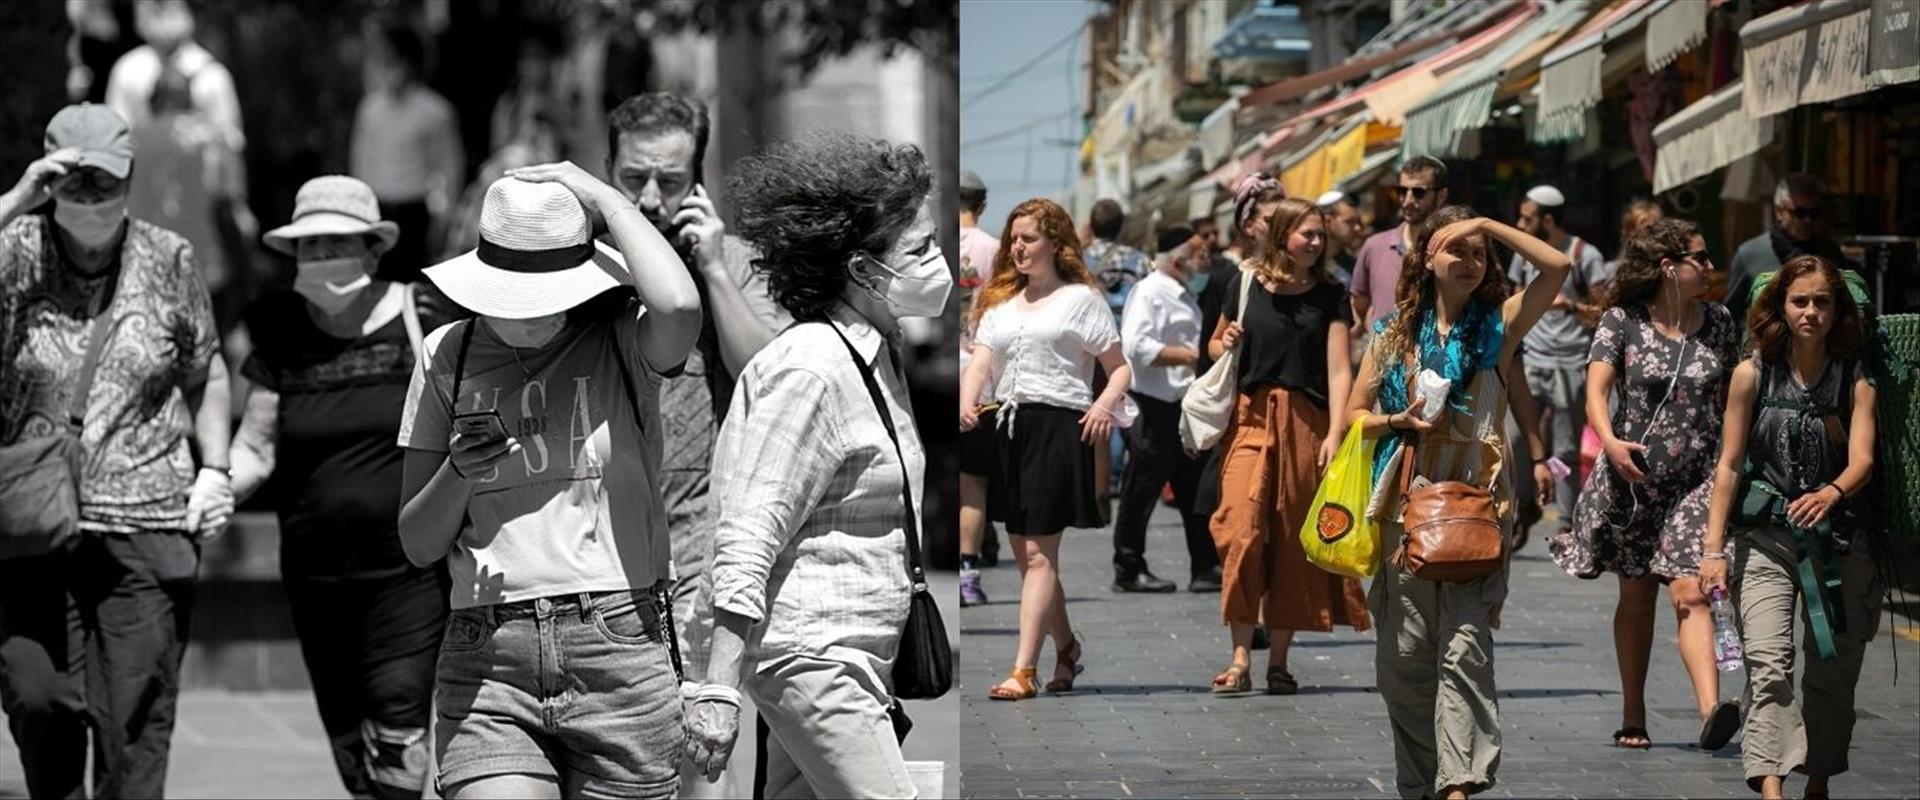 קורונה ברחוב, לפני כמה חודשים ועכשיו